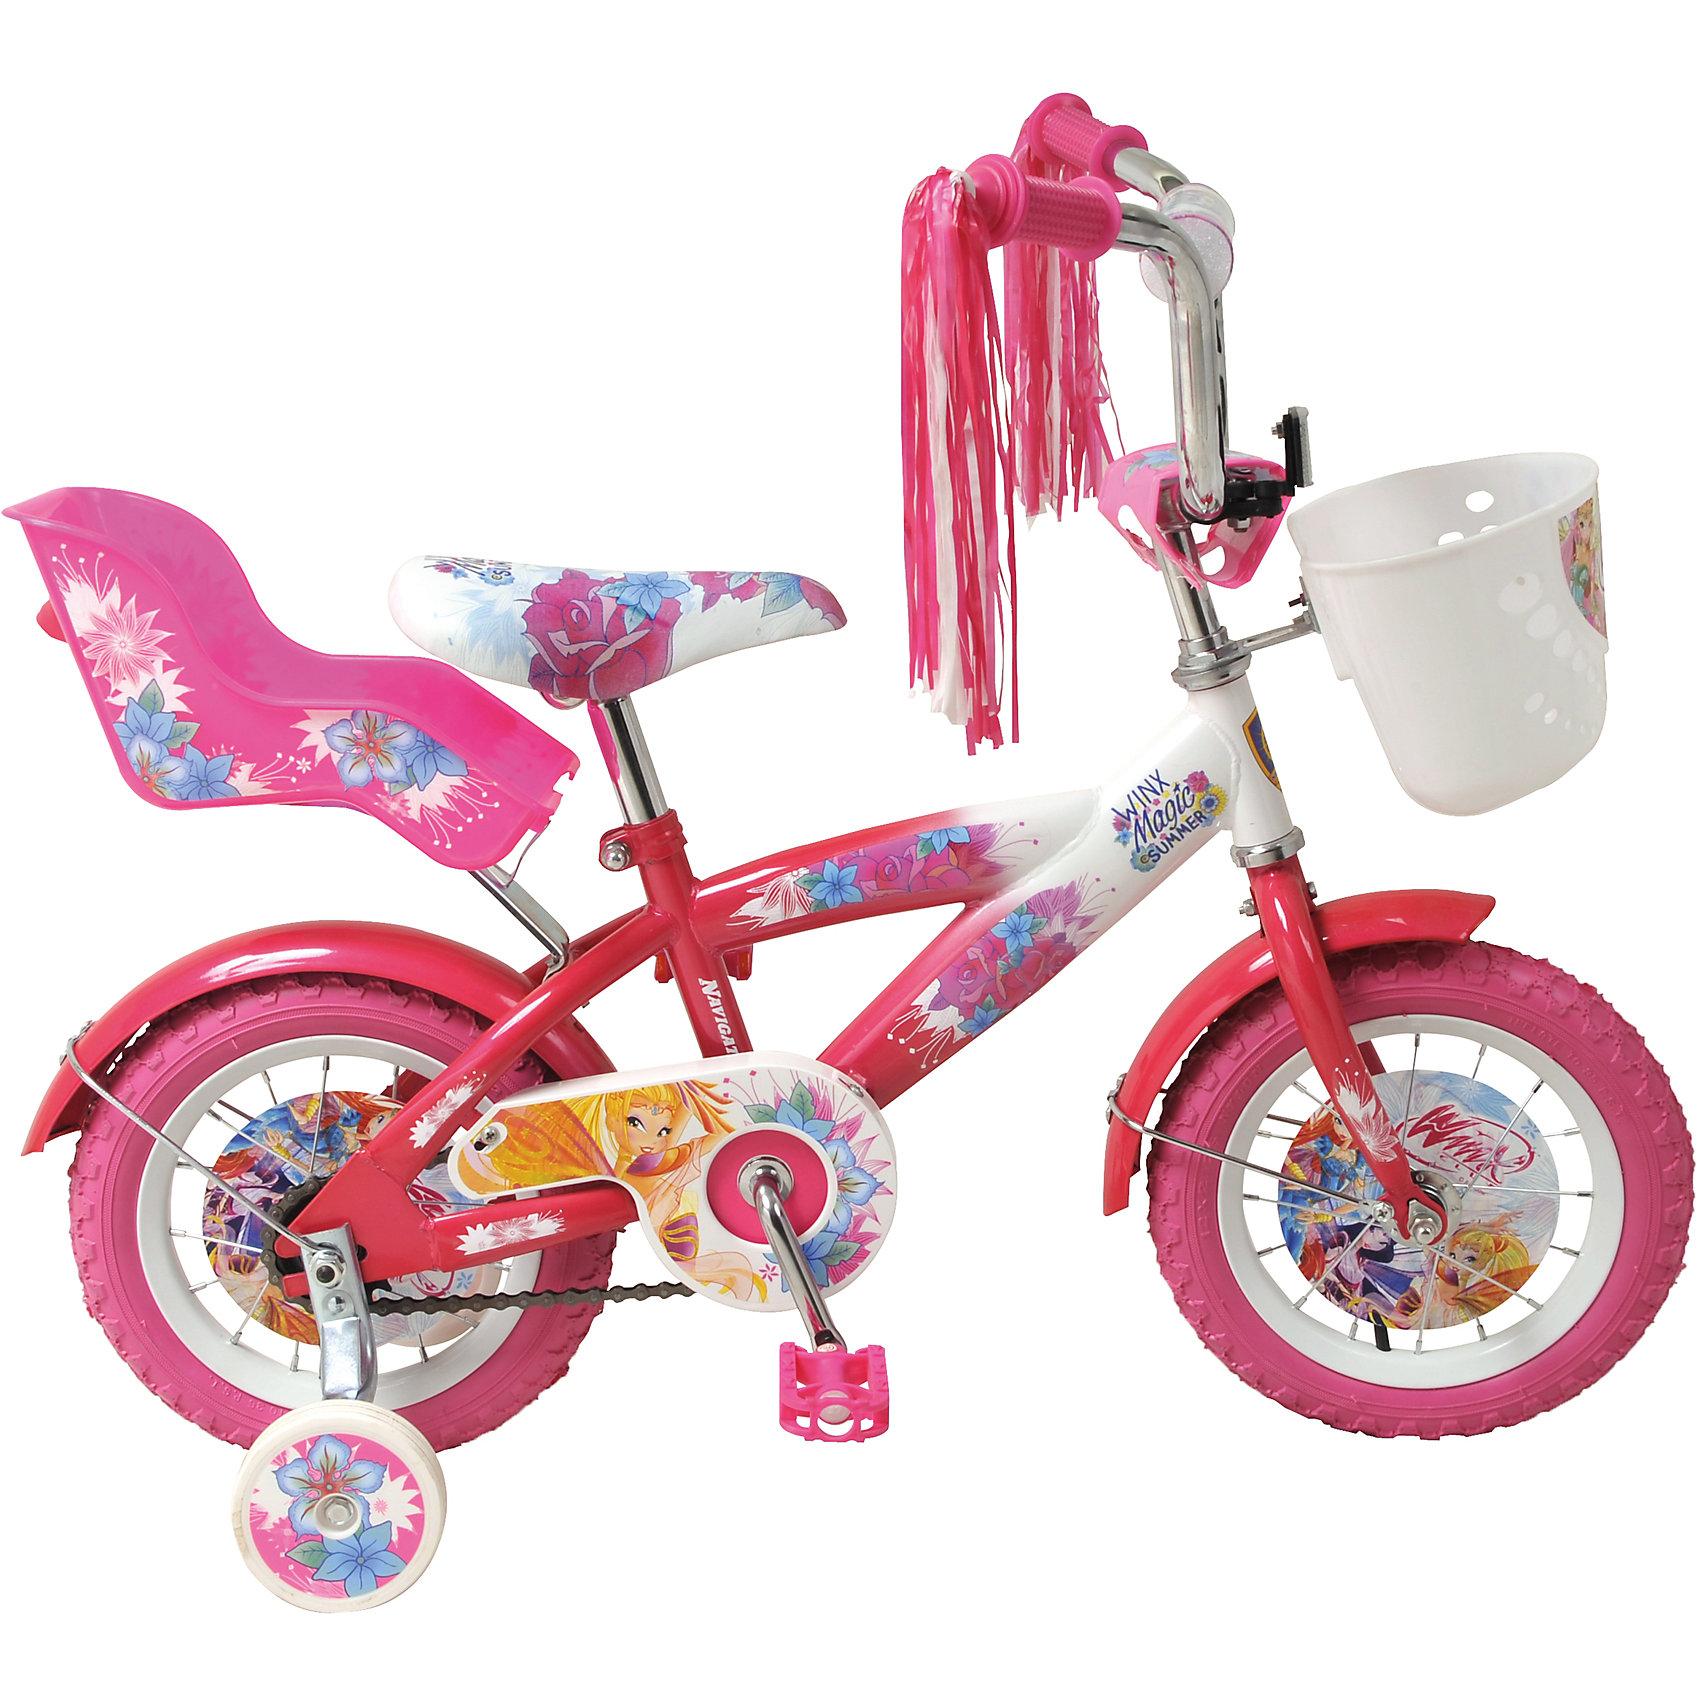 Велосипед Winx, NavigatorWinx Club<br>Велосипед Winx, Navigator (Навигатор) – это яркий, стильный, надежный велосипед высокого качества для маленьких принцесс.<br>Детский розовый велосипед Winx Т1-тип - мечта каждой юной феи. Красивое, яркое оформление, «дождик» на руле, корзина для различных принадлежностей, заднее пластиковое кресло для куклы, которое, при необходимости, быстро снимается, все это удовлетворит запросы даже самой взыскательной модницы. На этом велосипеде ваша красавица точно не останется не замеченной и получит максимум удовольствия от катания. Рама велосипеда выполнена из высокопрочного металла. Покрытие рамы устойчиво к царапинам. Высота руля и сиденья легко регулируется в соответствии с возрастом и ростом ребенка. Мягкая накладка на руле обеспечит небольшое смягчение при падении на руль. Колеса, прошедшие компьютерную балансировку, оснащены бутиловыми шинами, которые хорошо удерживают воздух. Велосипед имеет дополнительные страховочные колеса, защиту цепи, стальные обода для защиты от брызг, удобное сиденье эргономичной формы. Основные колеса декорированы яркими вставками в стиле Винкс. На ручках руля нескользящее покрытие. Катание на велосипеде поможет ребенку укрепить опорно-двигательную и сердечнососудистую системы.<br><br>Дополнительная информация:<br><br>- Возрастная категория: 2,5 - 4 лет<br>- Подходит для детей ростом 85 - 110 см.<br>- Диаметр колес: 12 дюймов<br>- Еврошатун<br>- Ножной тормоз<br>- Материал рамы: сталь<br>- Вес в упаковке: 9,11 кг.<br><br>Велосипед Winx, Navigator (Навигатор) можно купить в нашем интернет-магазине.<br><br>Ширина мм: 725<br>Глубина мм: 170<br>Высота мм: 335<br>Вес г: 9110<br>Возраст от месяцев: 48<br>Возраст до месяцев: 84<br>Пол: Женский<br>Возраст: Детский<br>SKU: 4655084